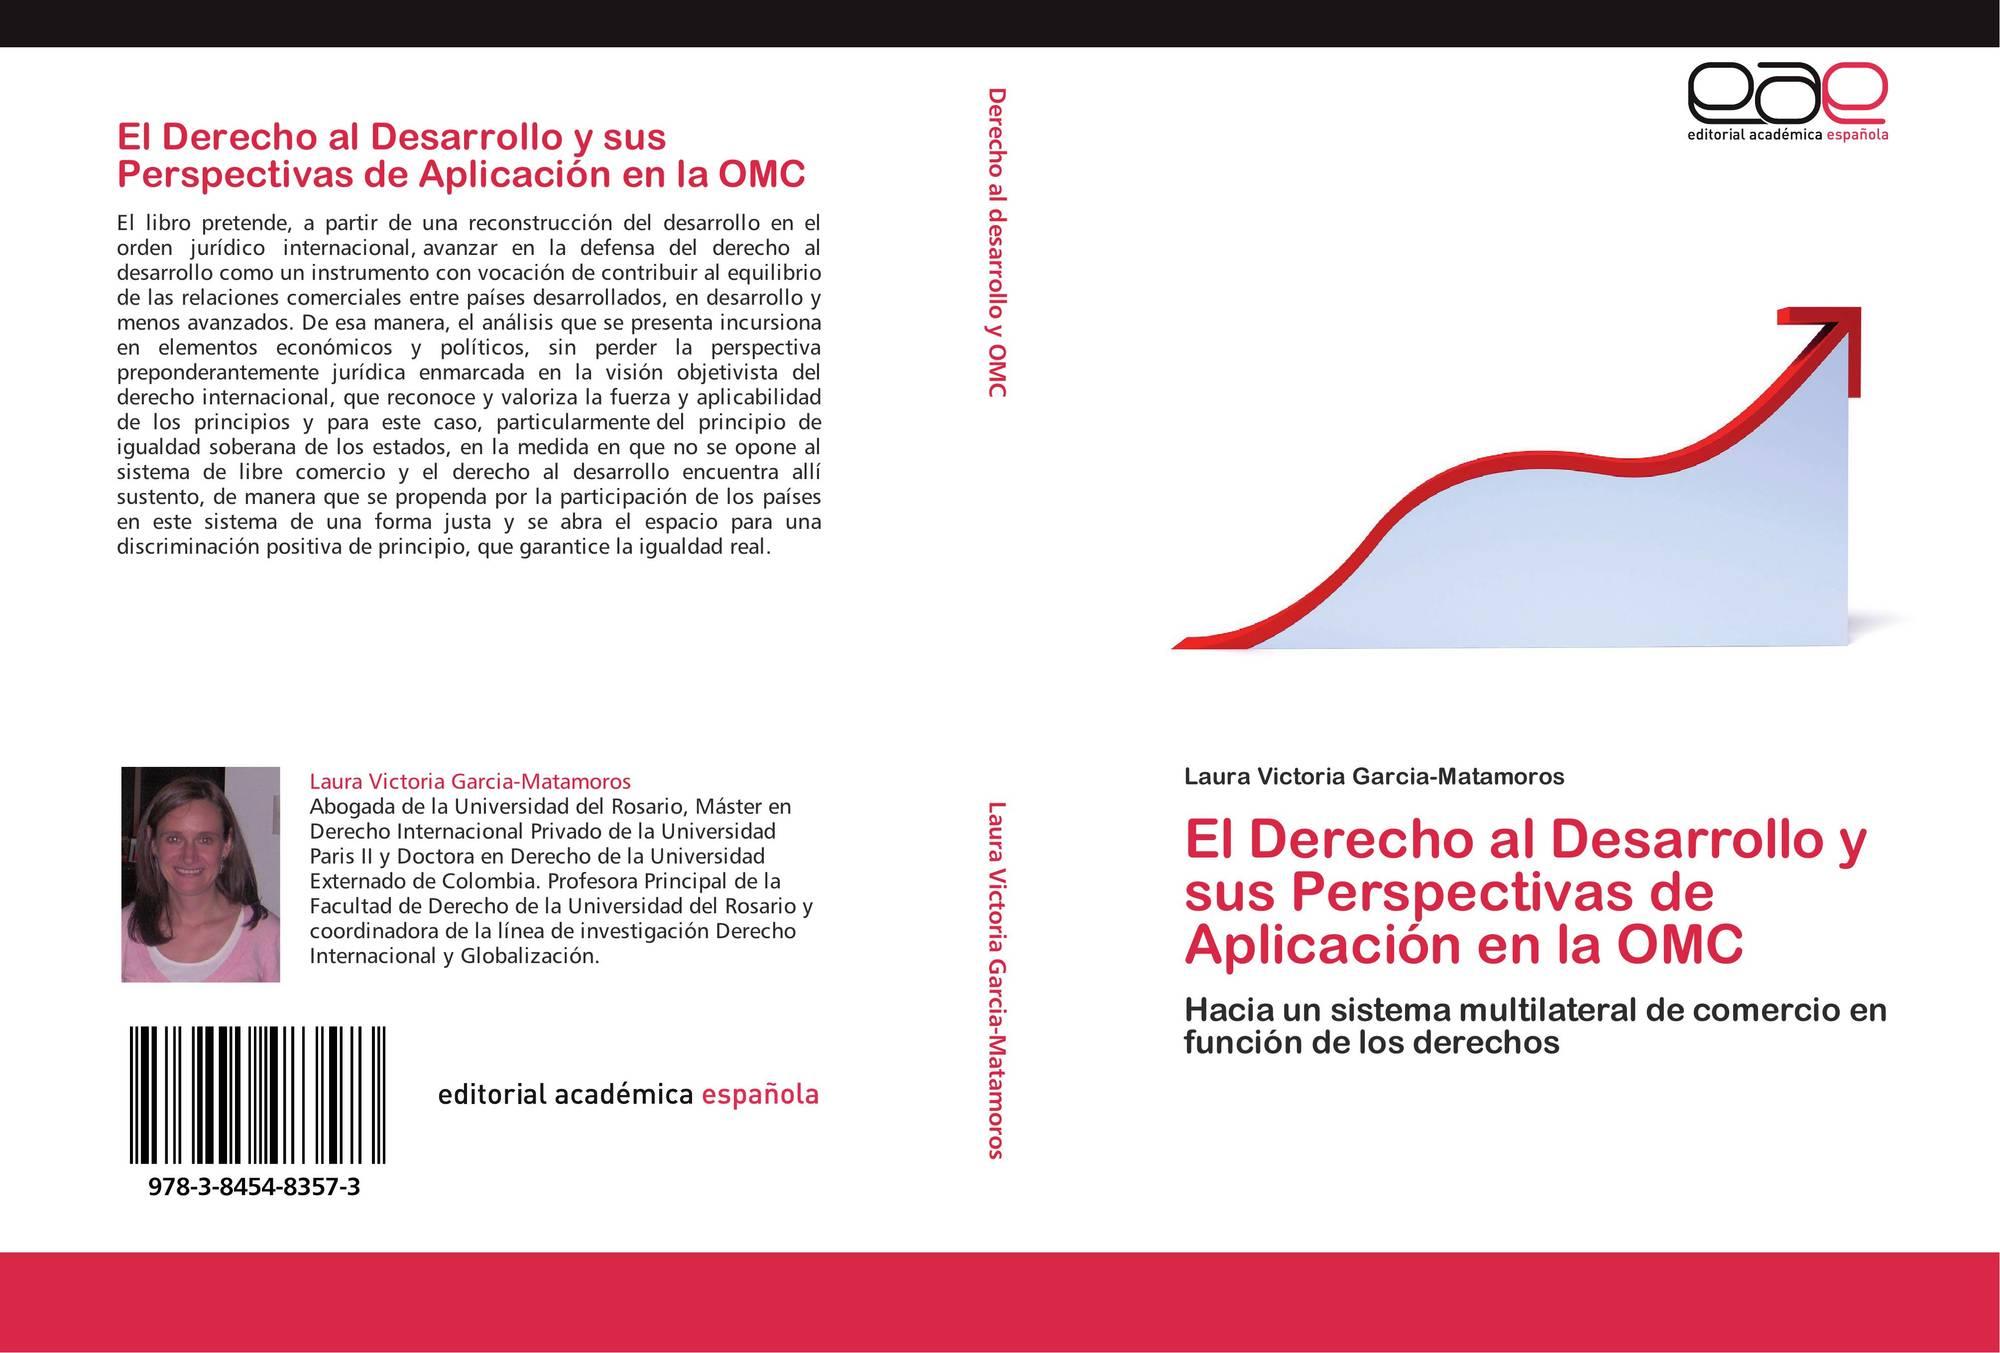 30 LIBROS DE DERECHO GRATIS - POR SCRIBD NUEVOS